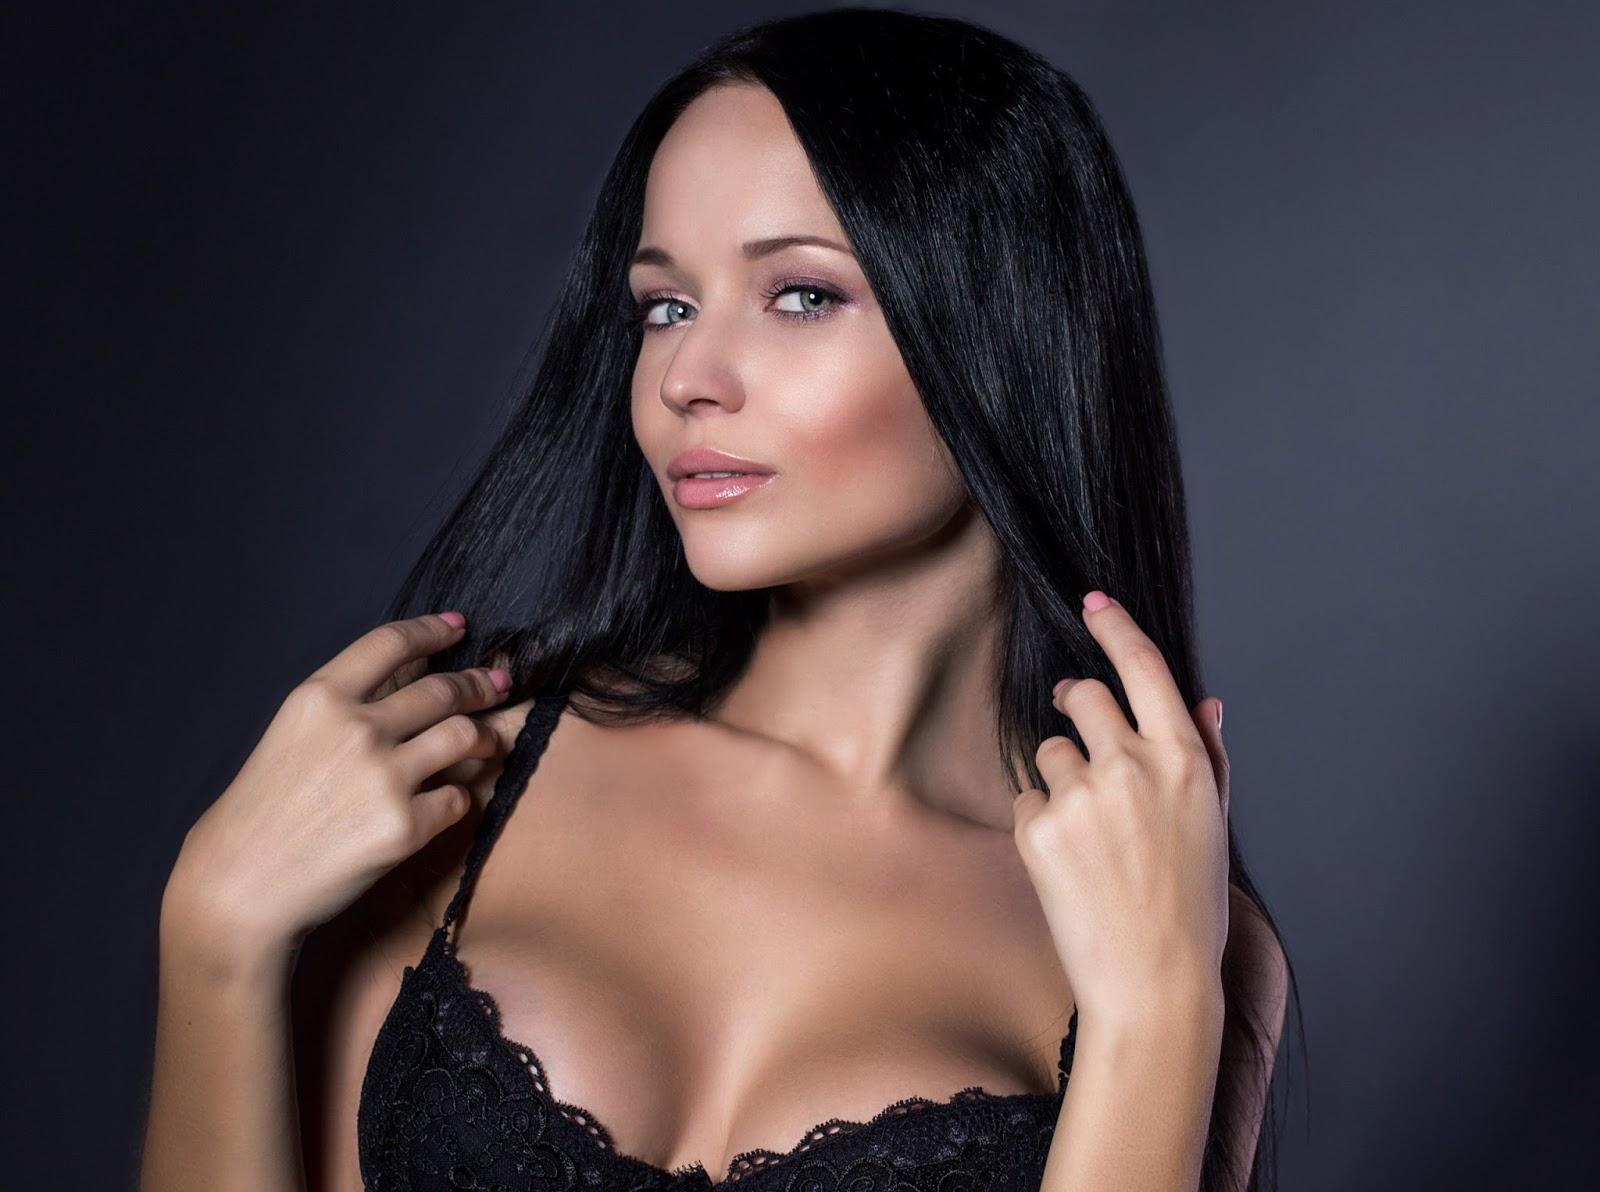 одна тня имена русские сексуальные девушки трудно себе